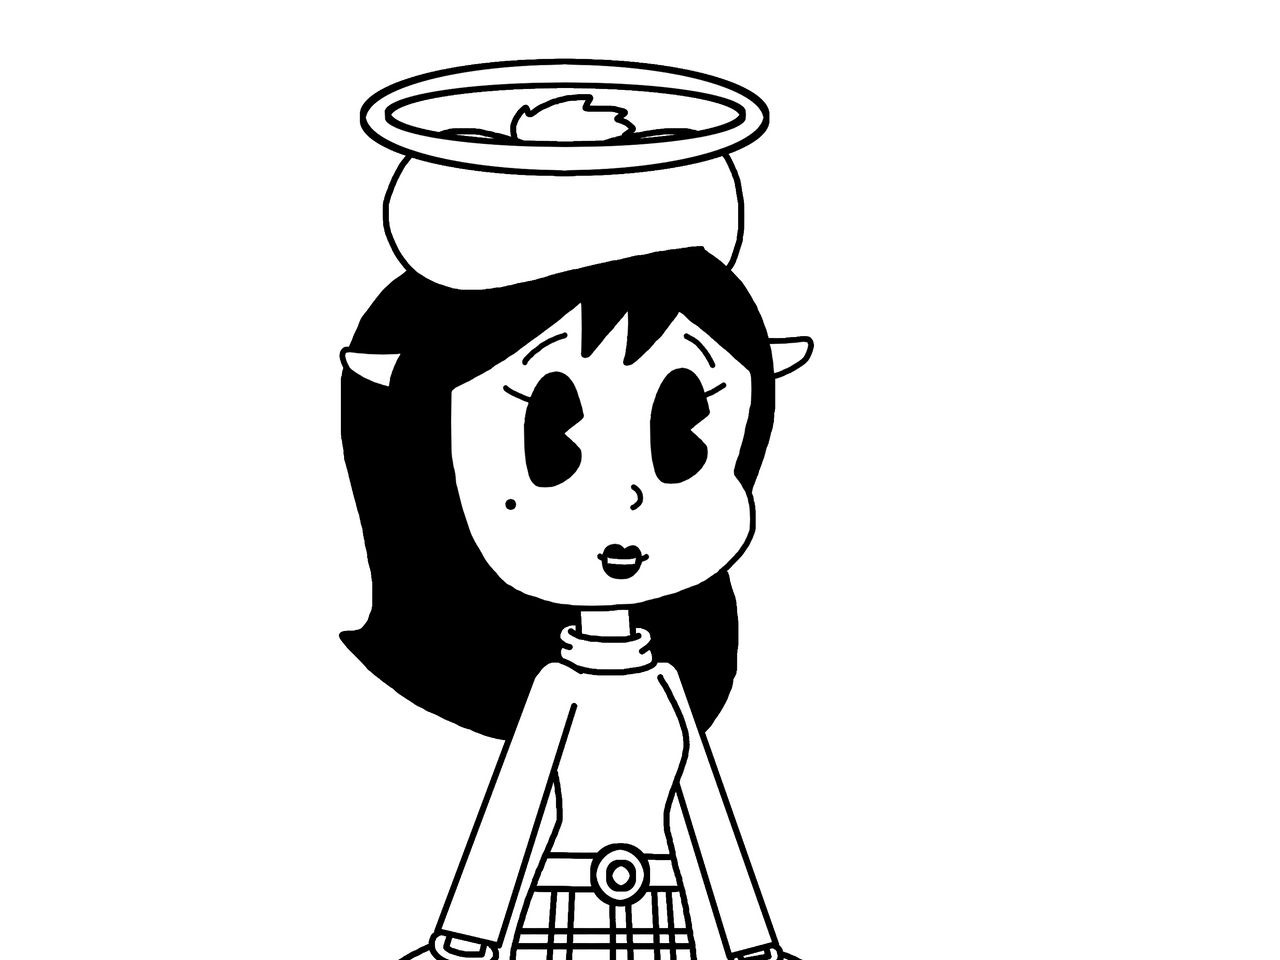 Alice Angel with scottish clothing by Mega-Shonen-One-64 on